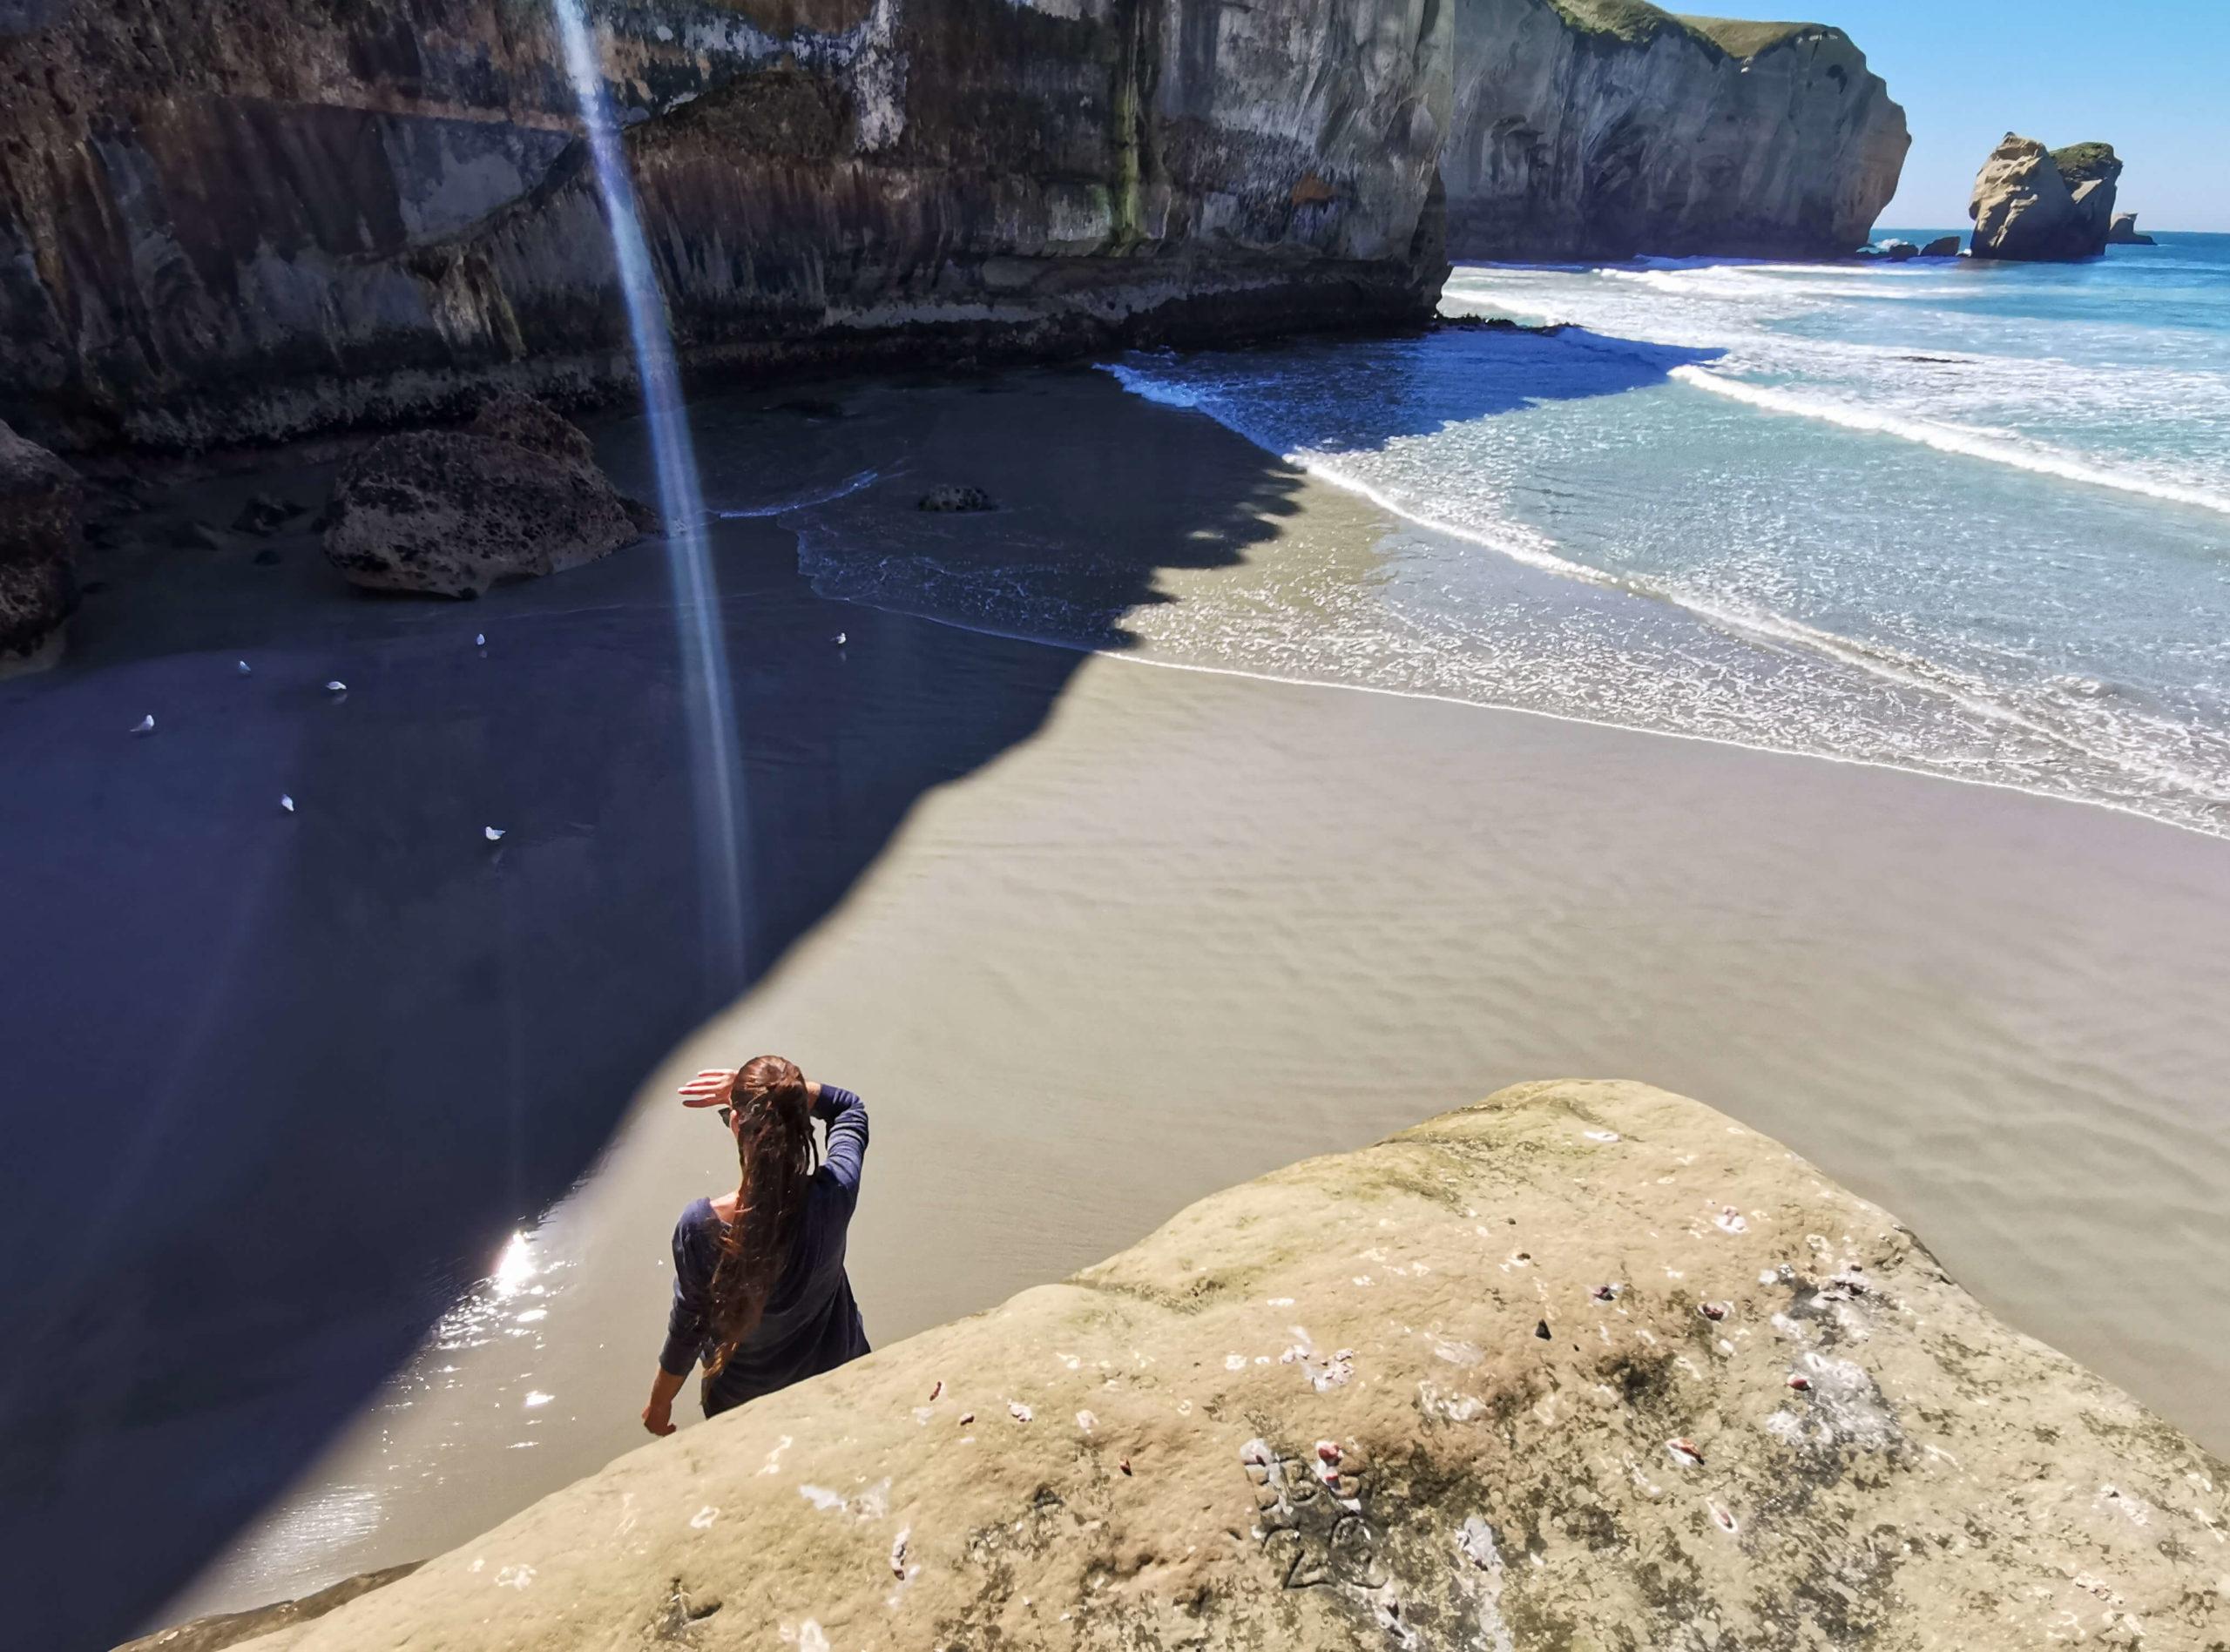 Meeriwild plage et mouettes Tunnel beach Nouvelle-Zélande